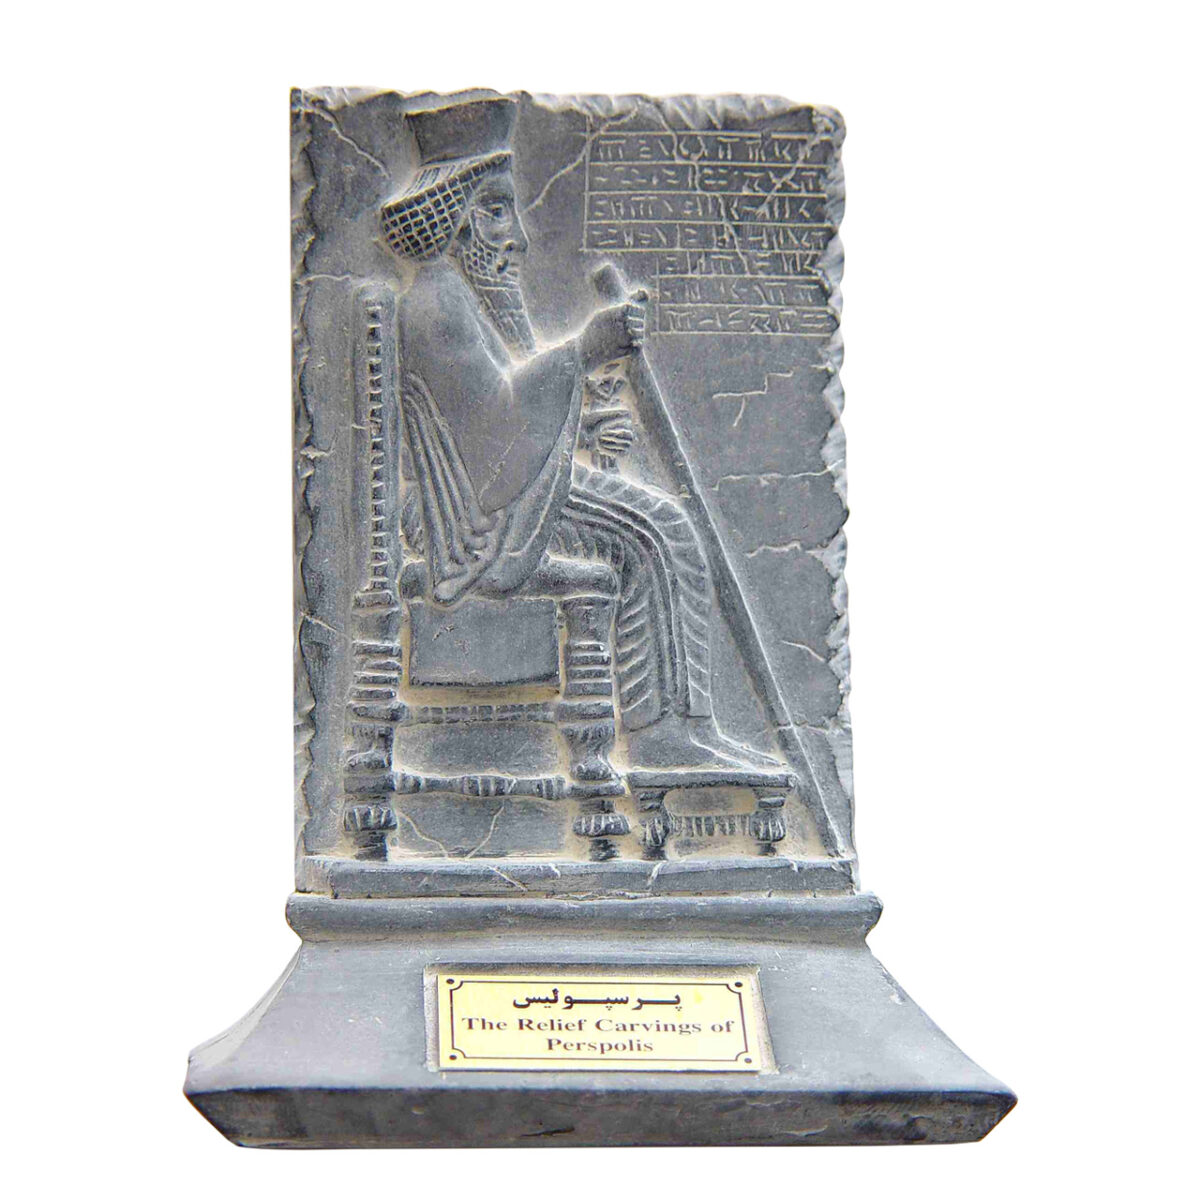 مجسمه تندیس و پیکره شهریار مدل لوح داریوش بر تخت پرسپولیس کد MO1100